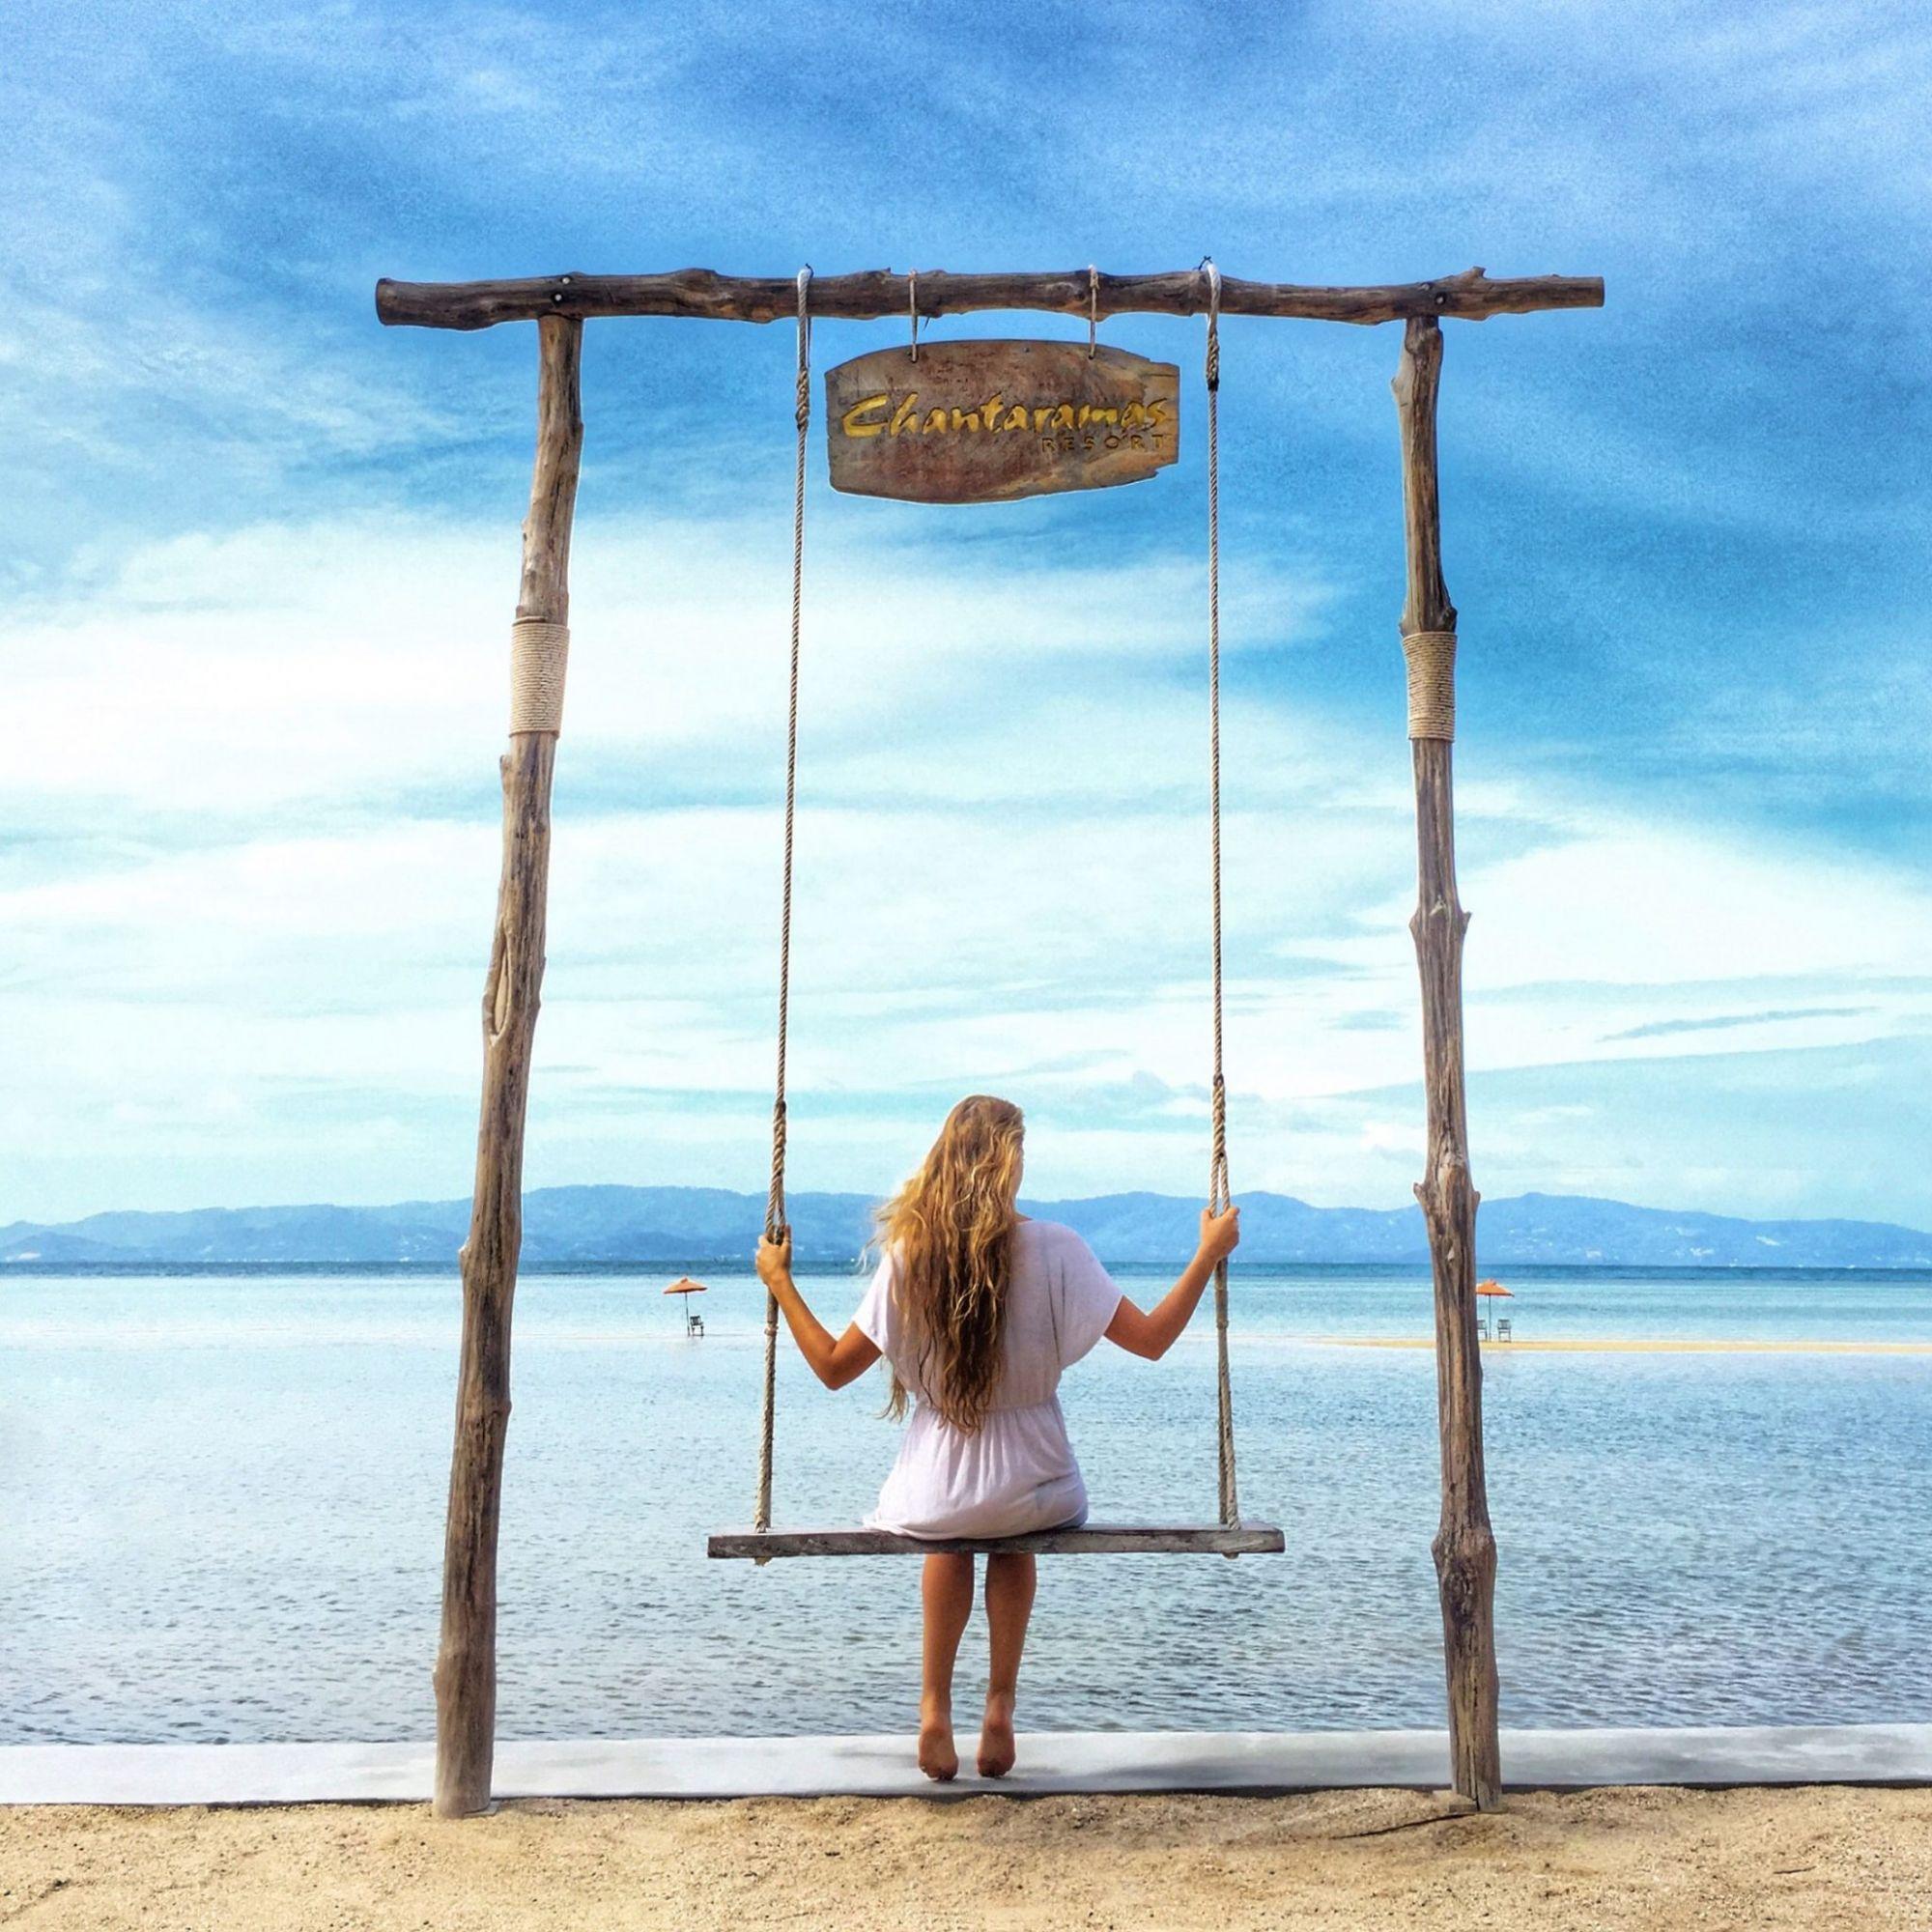 חלום תאילנדי - מלון צ'נטרמאס בקופנגן